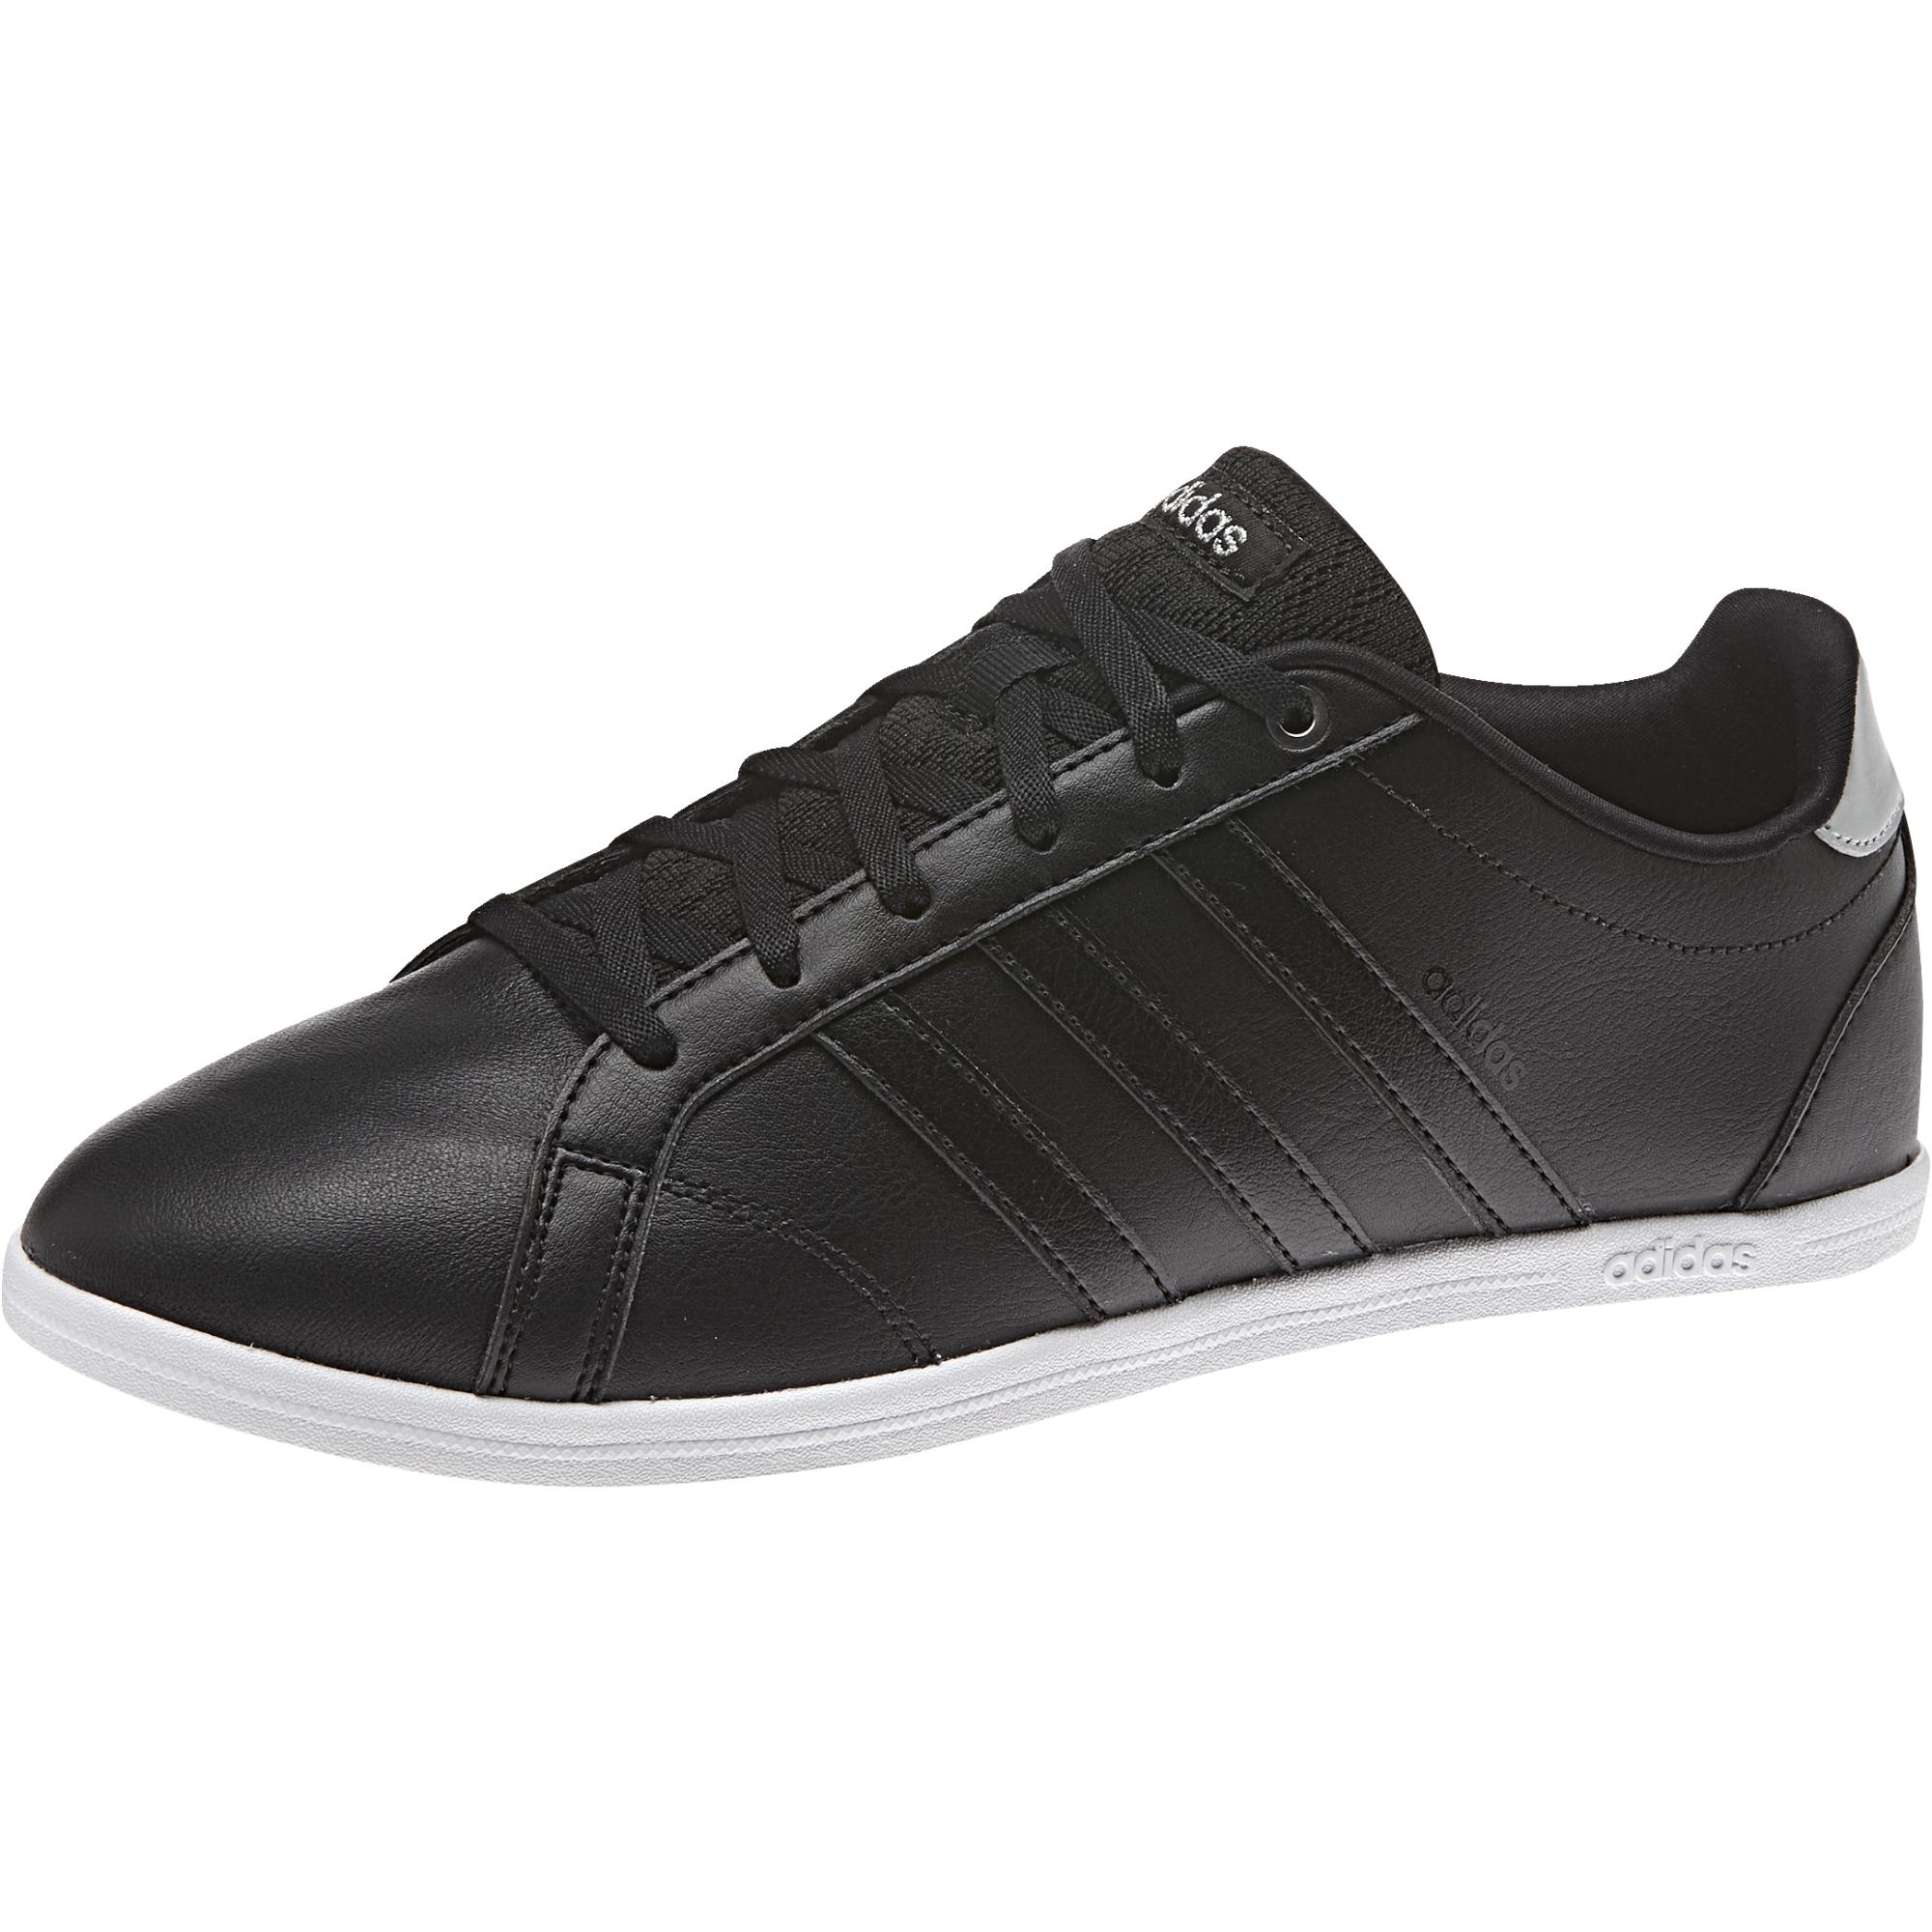 Adidas CONEO - AW4015 empty e92d34ffec8